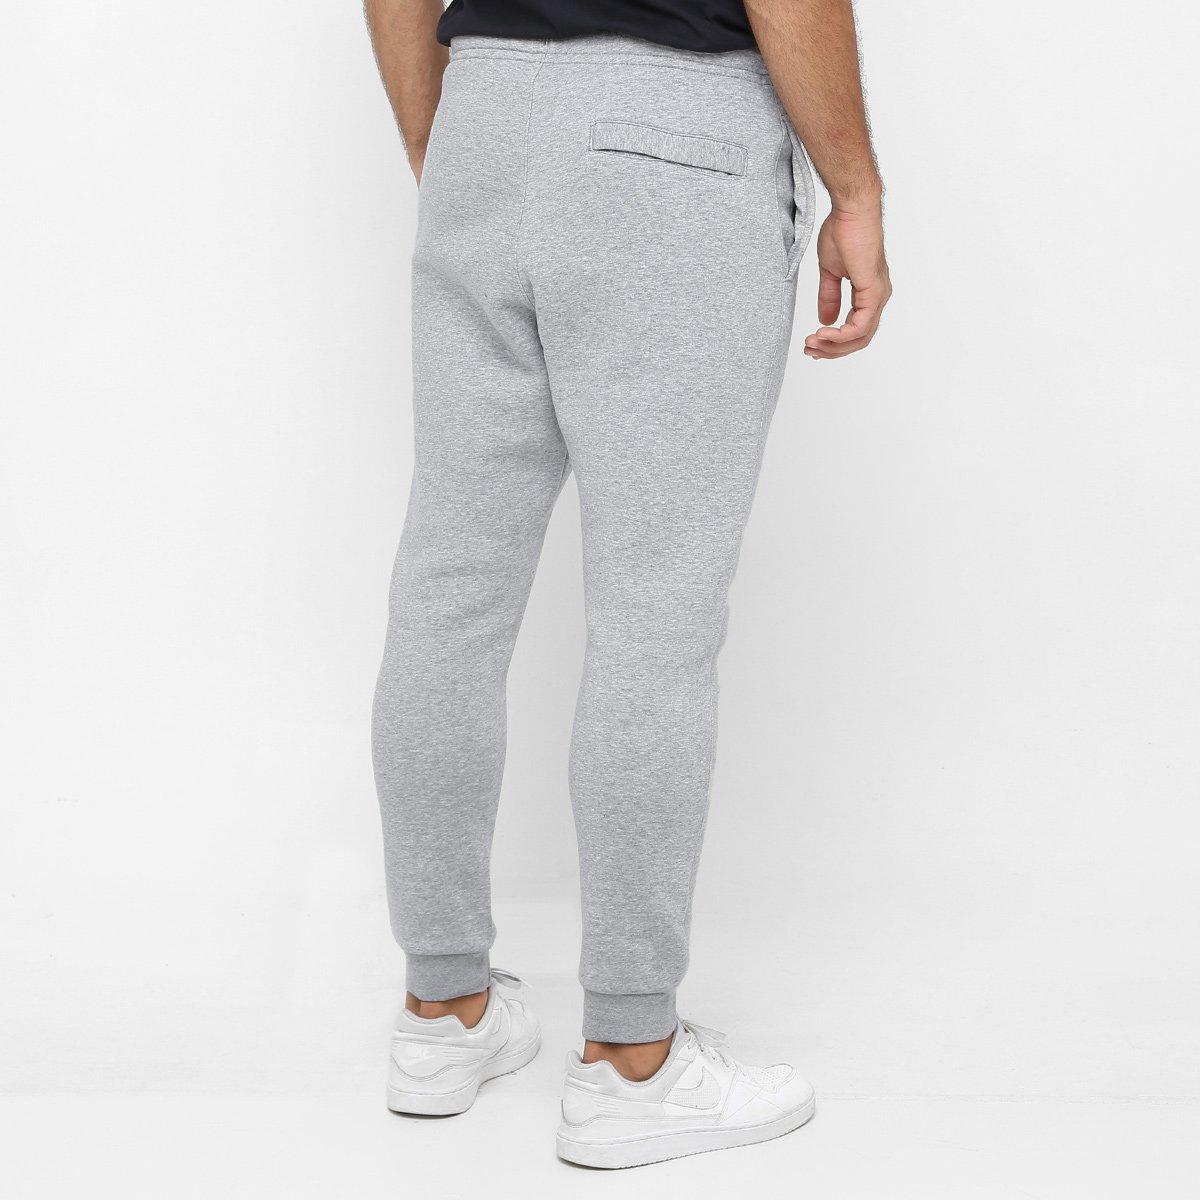 c525105ff7 Calça Nike Nsw Jggr Club Flc Masculina - Cinza e Branco - Compre ...